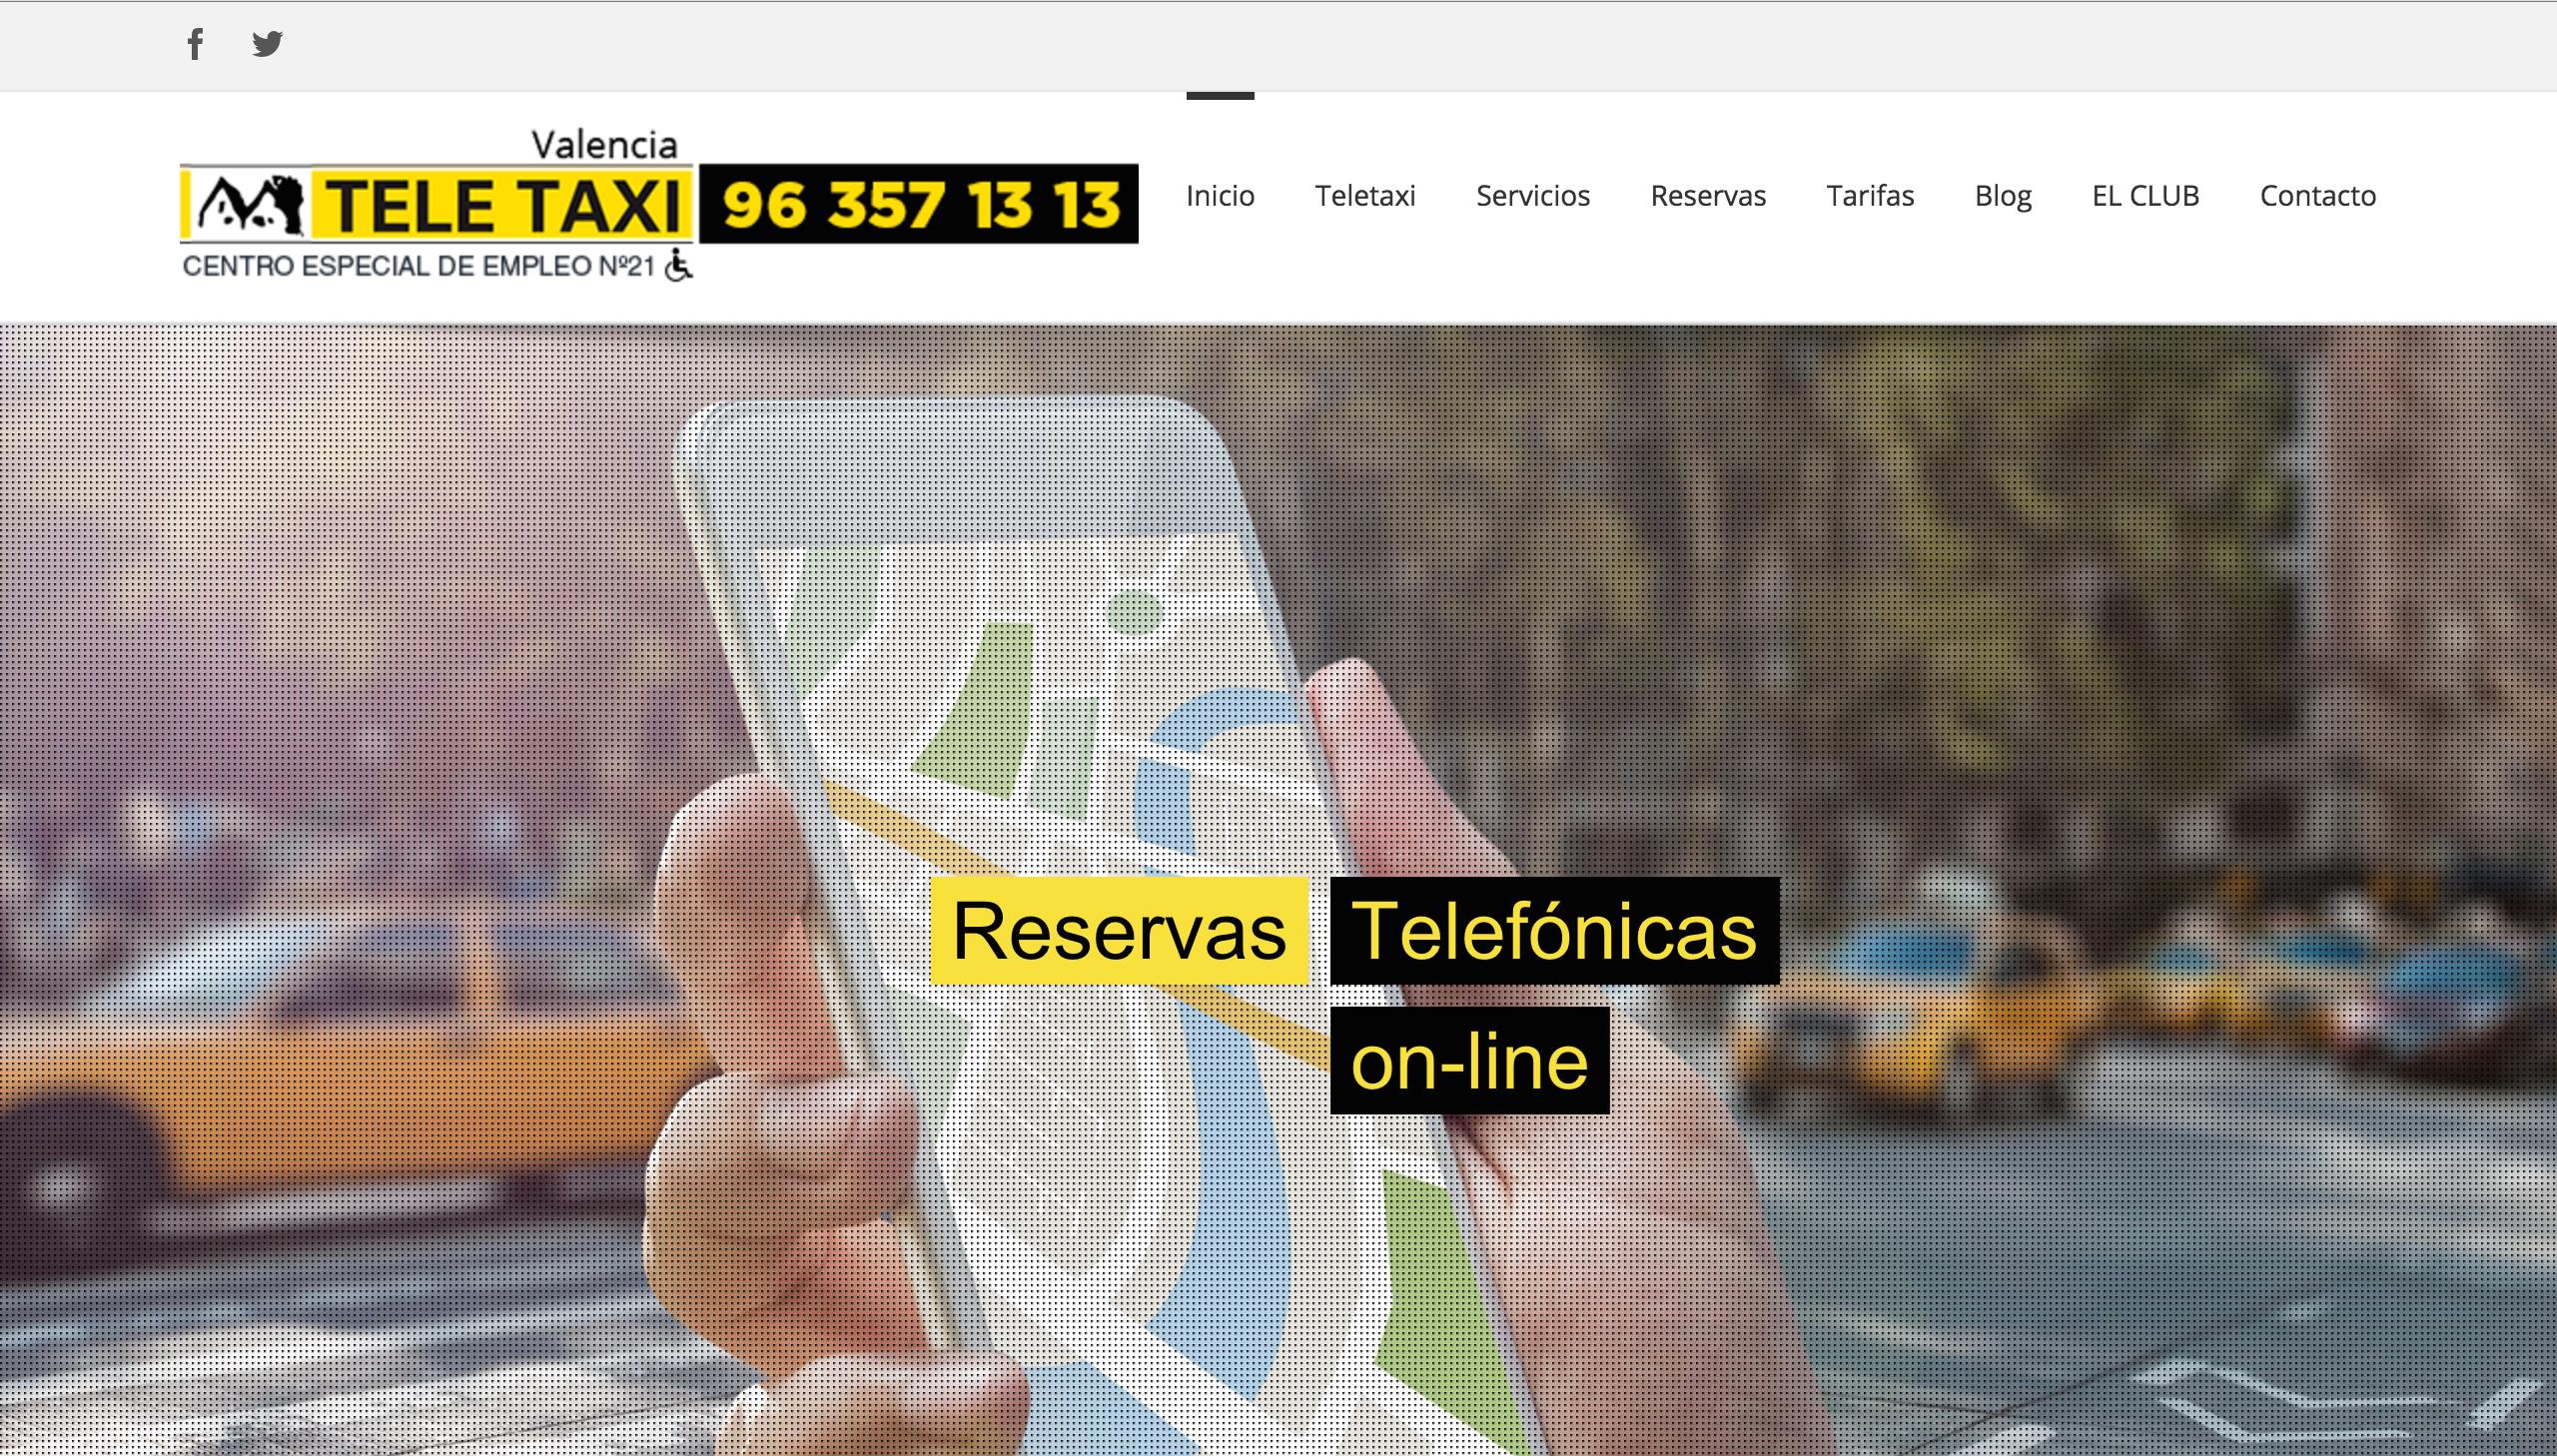 Teletaxi web